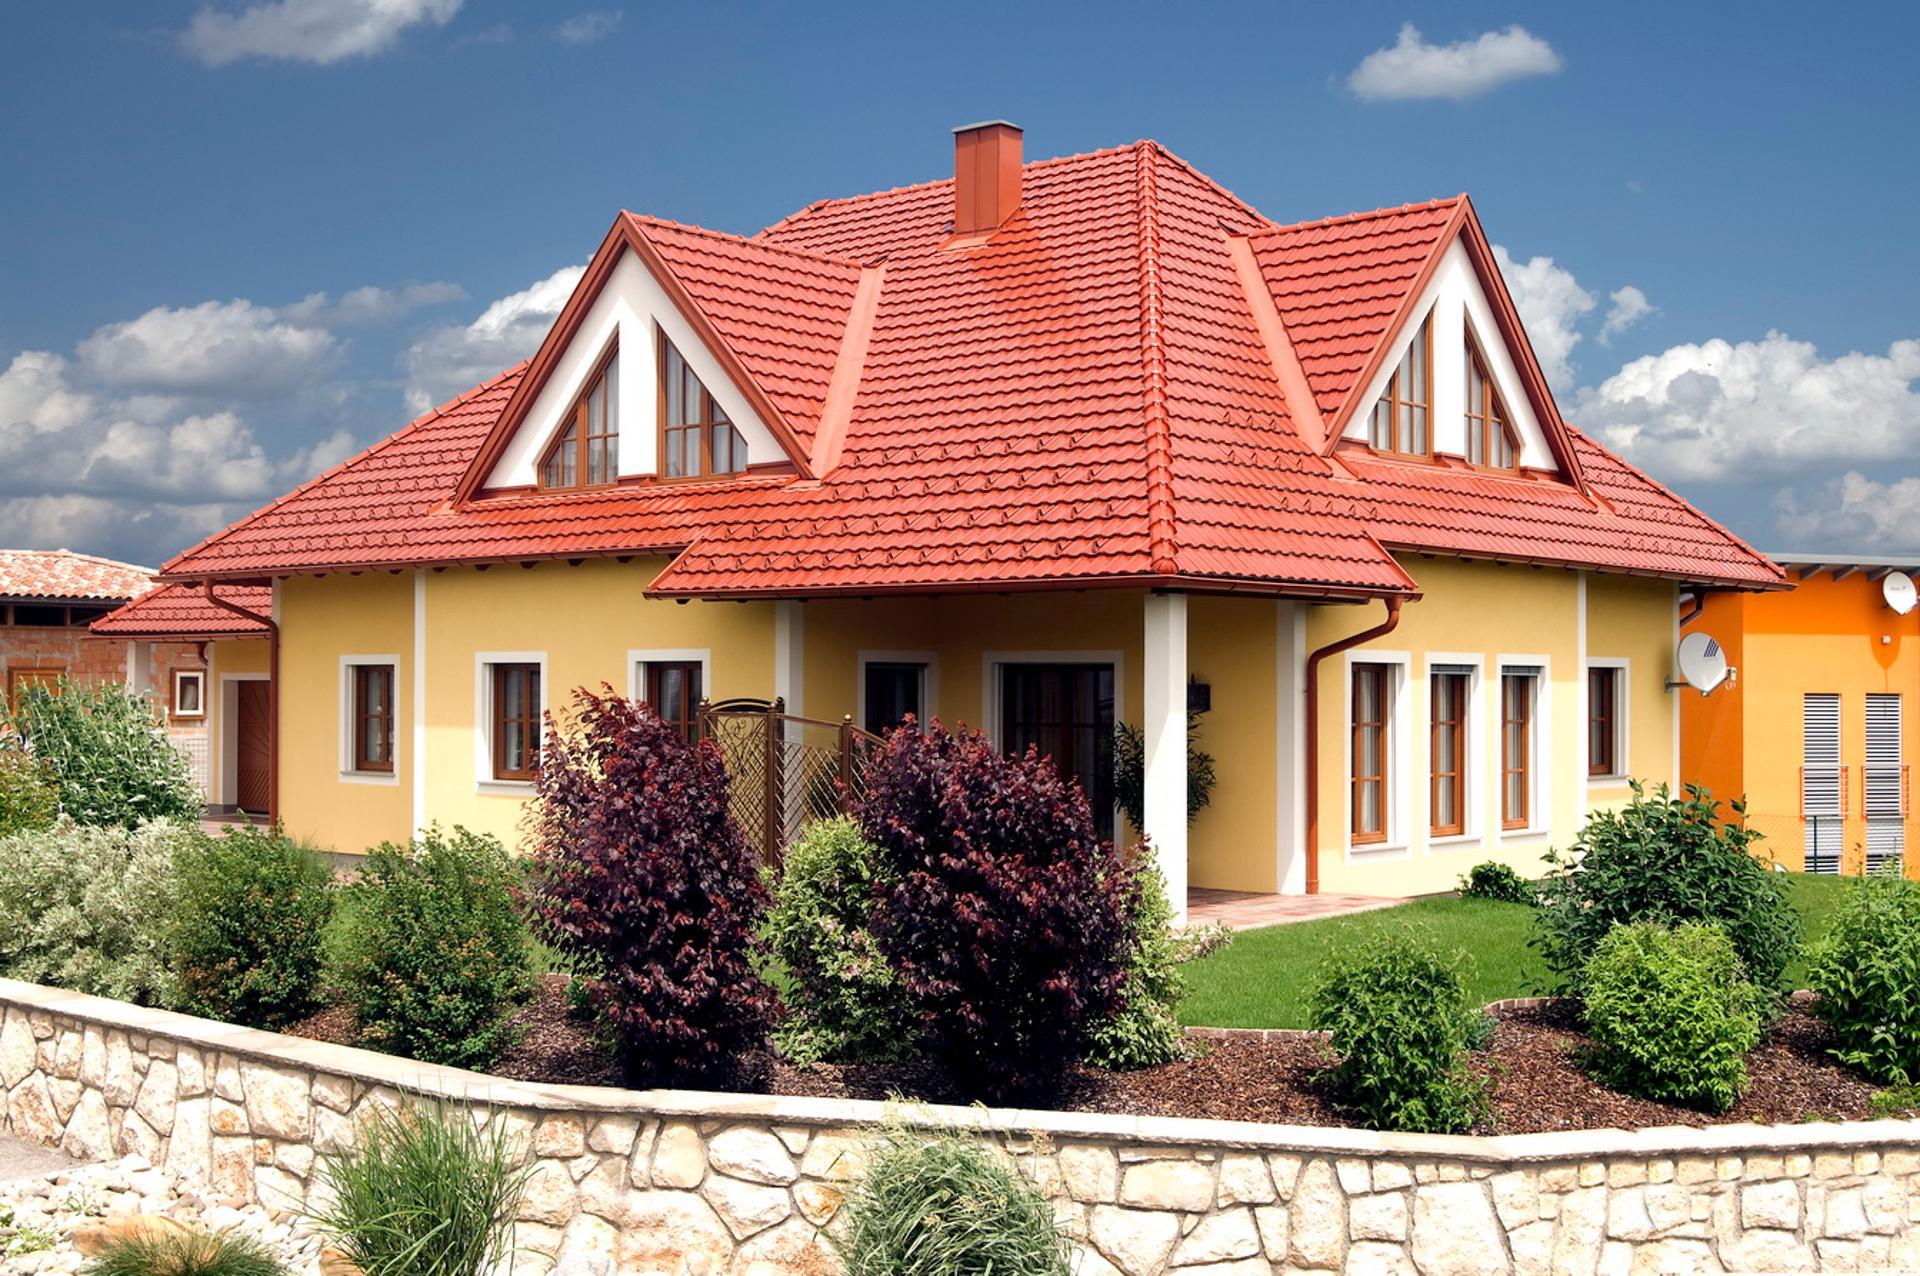 матрицы способствуют разновидности крыш частных домов фото заведения